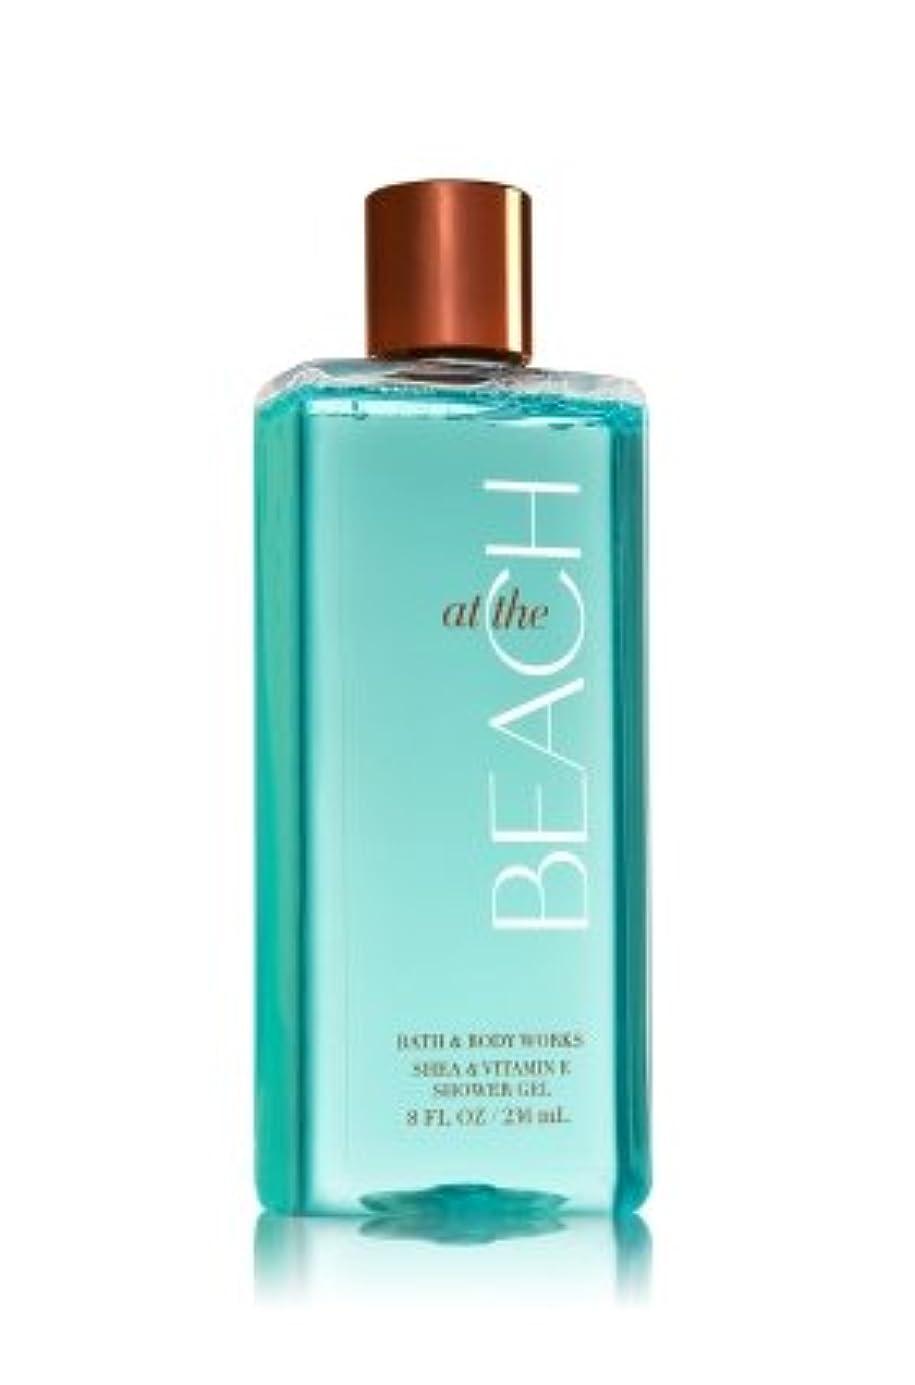 友情ガチョウラウズ【Bath&Body Works/バス&ボディワークス】 シャワージェル アットザビーチ Shower Gel At The Beach 8 fl oz / 236 mL [並行輸入品]